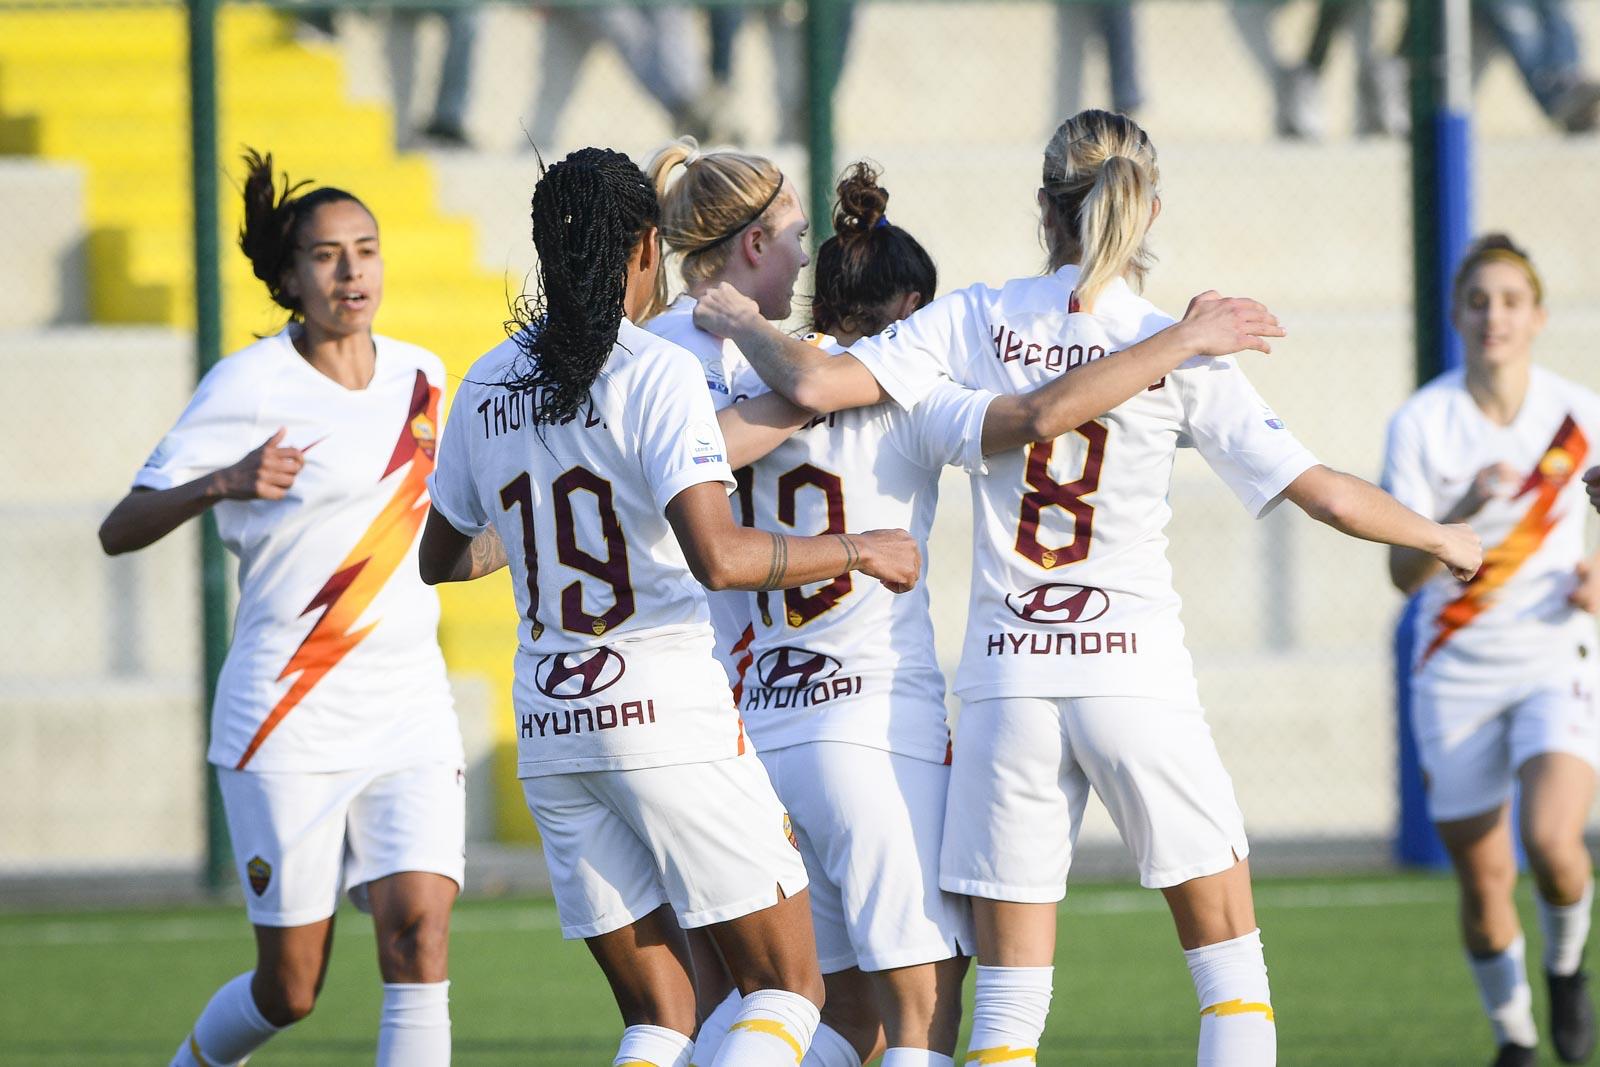 Calcio femminile: a braccetto Milan e Fiorentina. Al via i quarti di Coppa